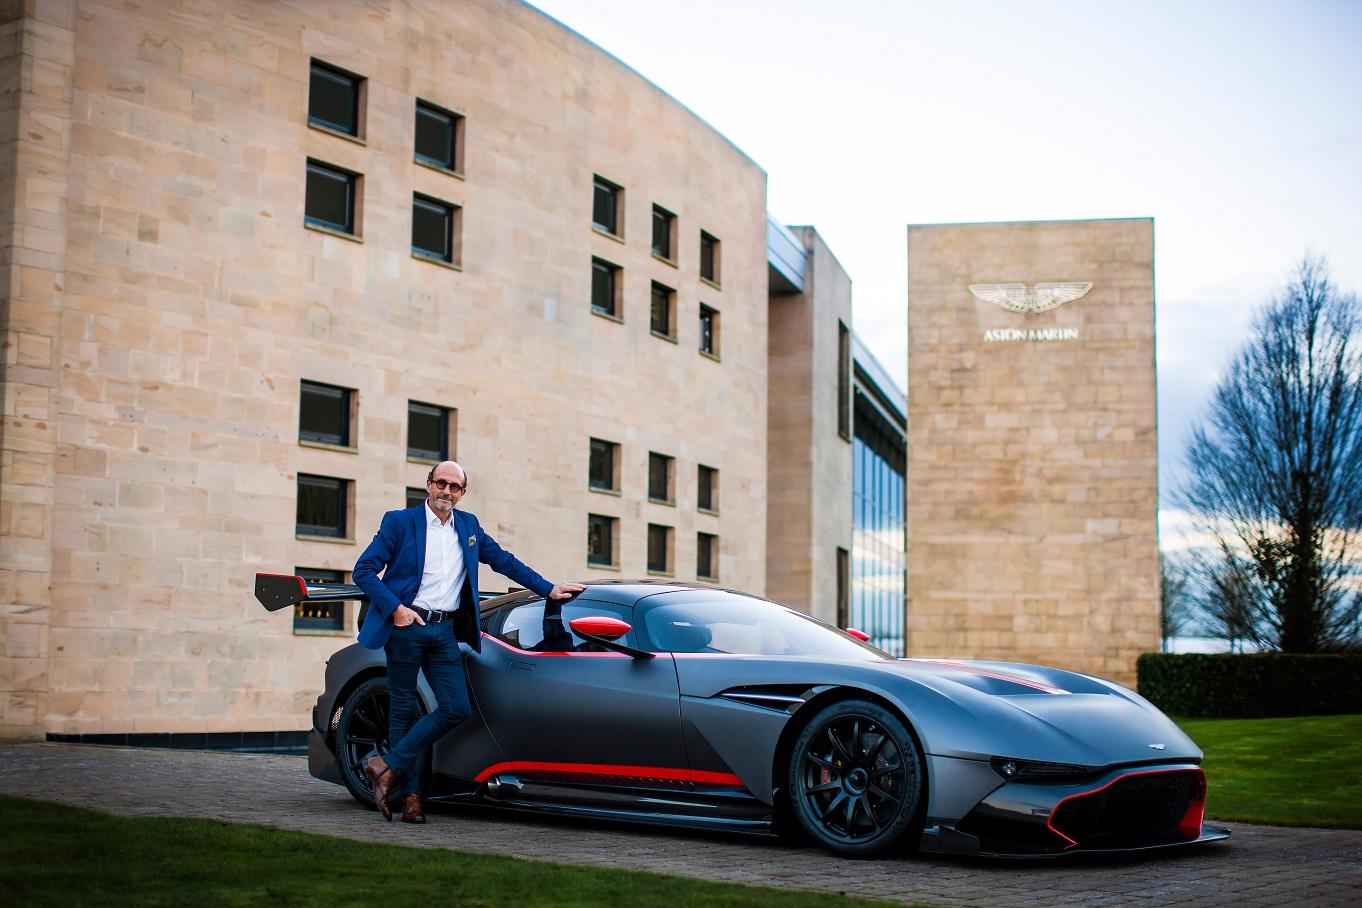 Aston Martin Richard Mille